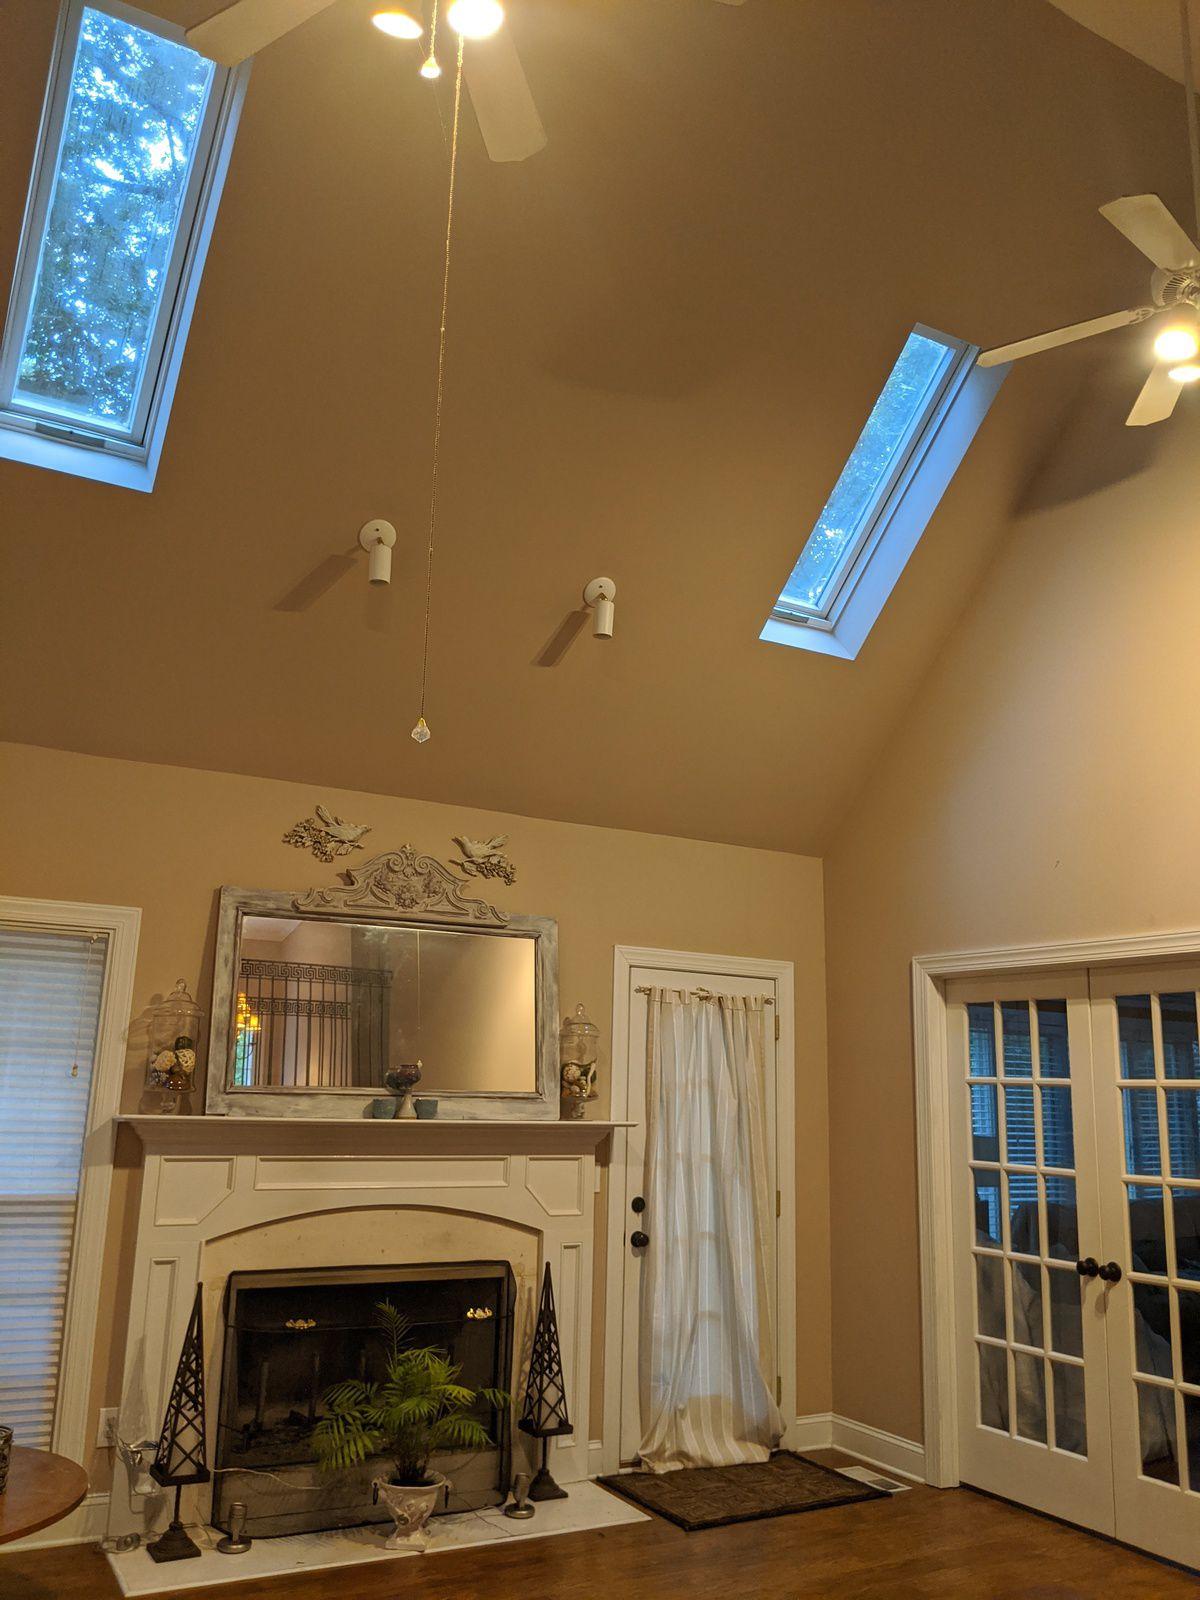 Outre les ventilateurs le salon s'orne également d'une cheminée. Tout comme dans notre précédente maison, nous ne l'utilisons jamais... Il semble que pour  beaucoup  de maisons, les cheminées n'aient qu'un rôle décoratif.  En général, elles sont toutes adossées à un pan de mur extérieur. Curieusement, lorsqu'une maison est en ruine, c'est la seule partie qui reste debout...